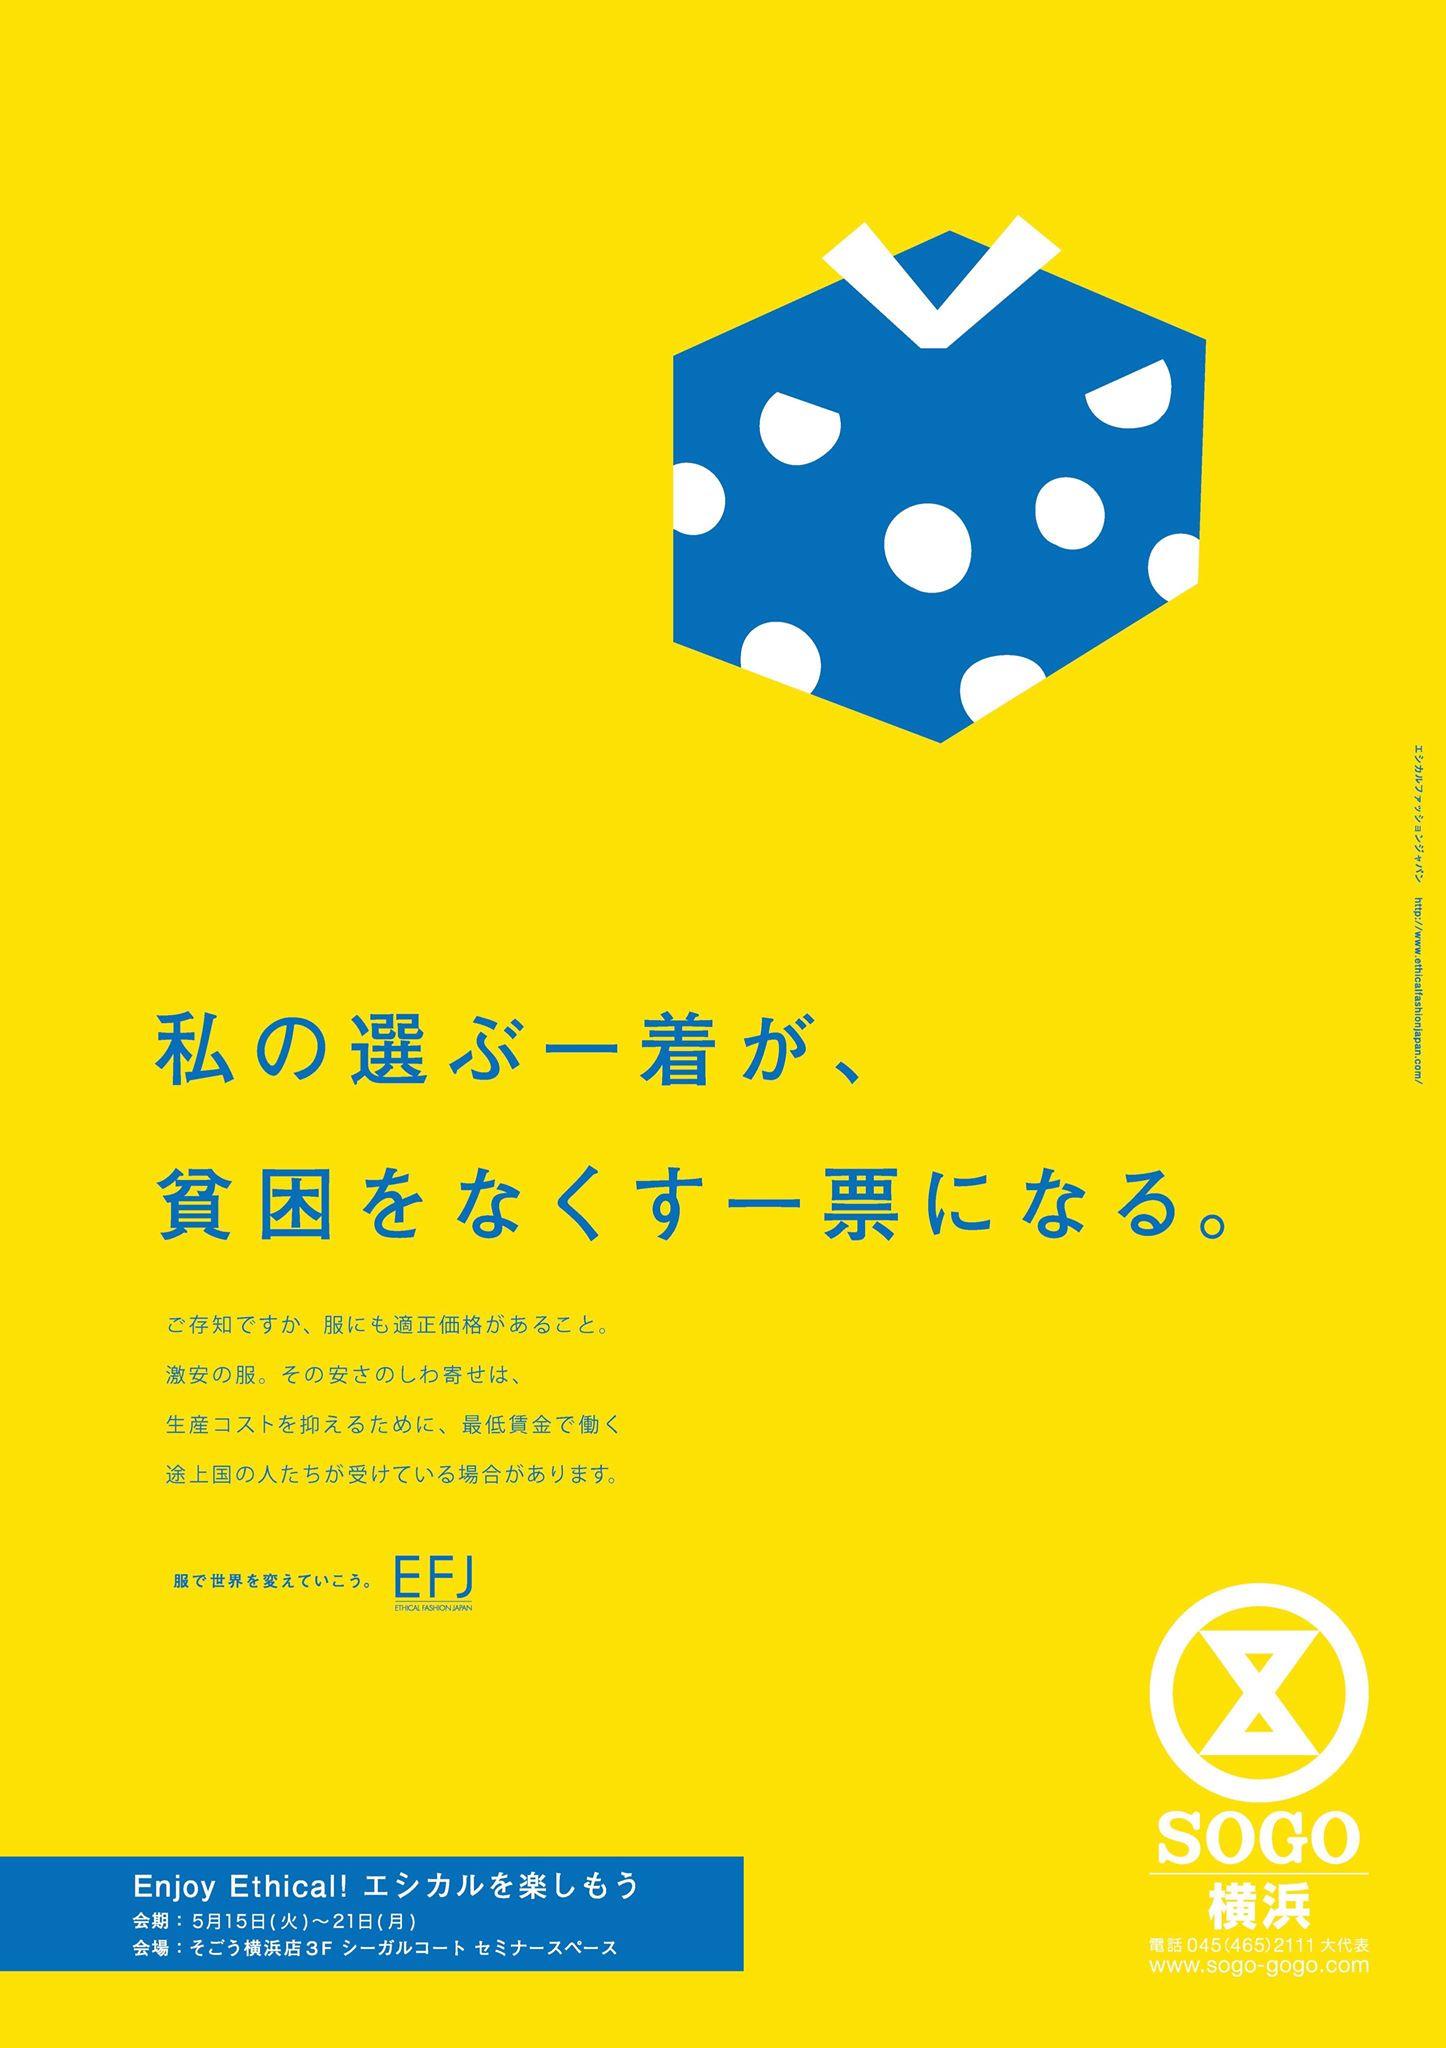 EFJそごう横浜20180515